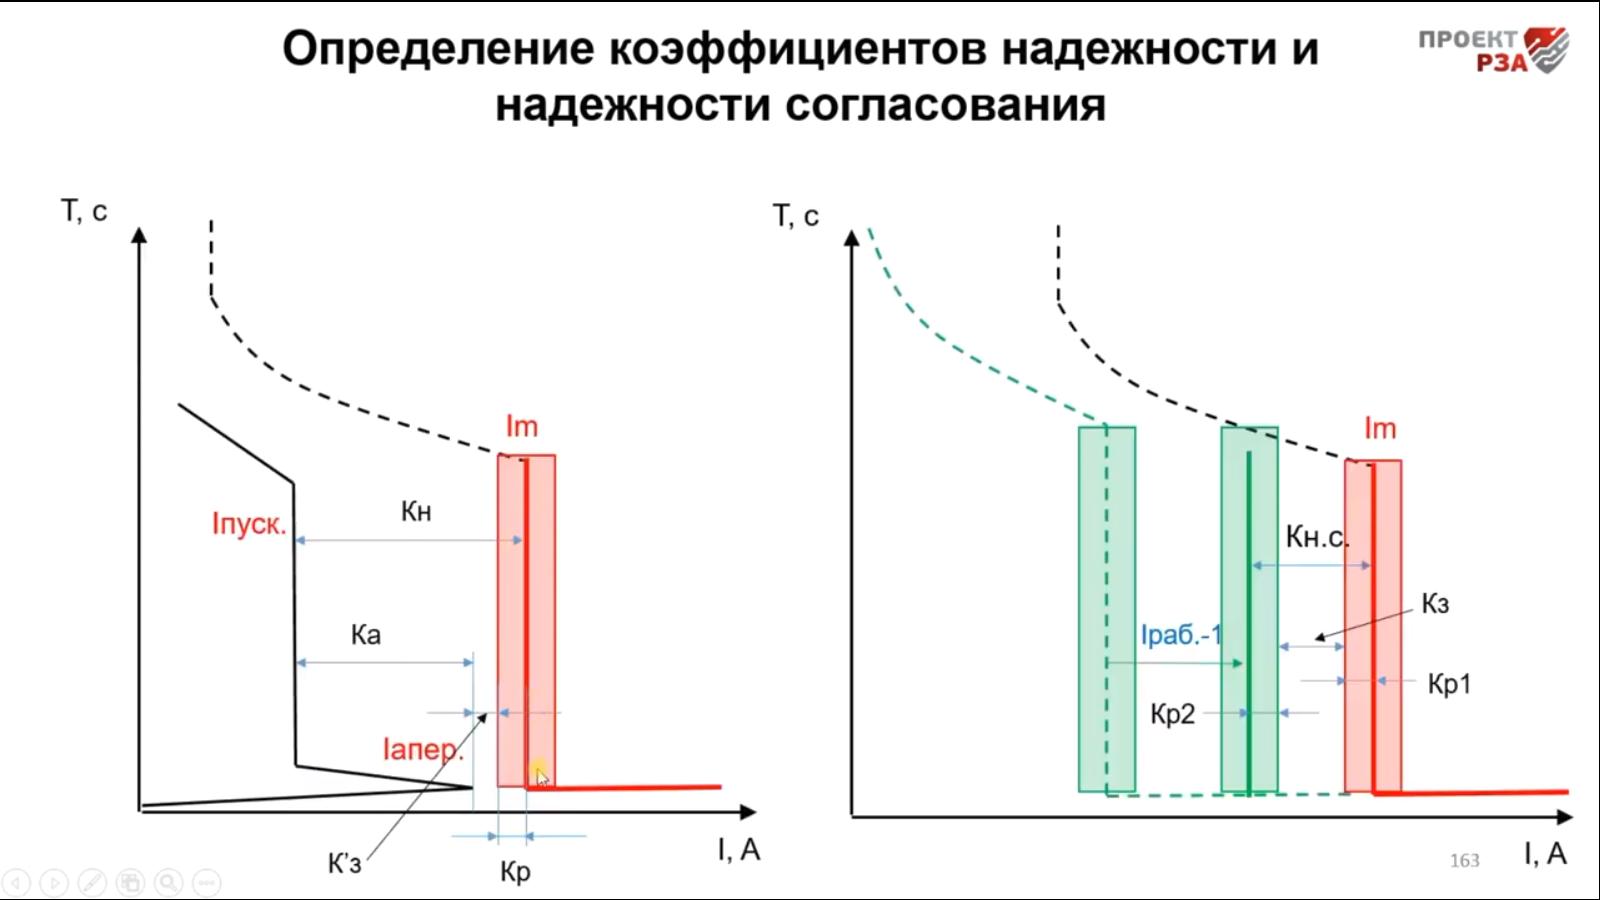 Коэффицинеты надежности автоматических выключателей 0,4 кВ